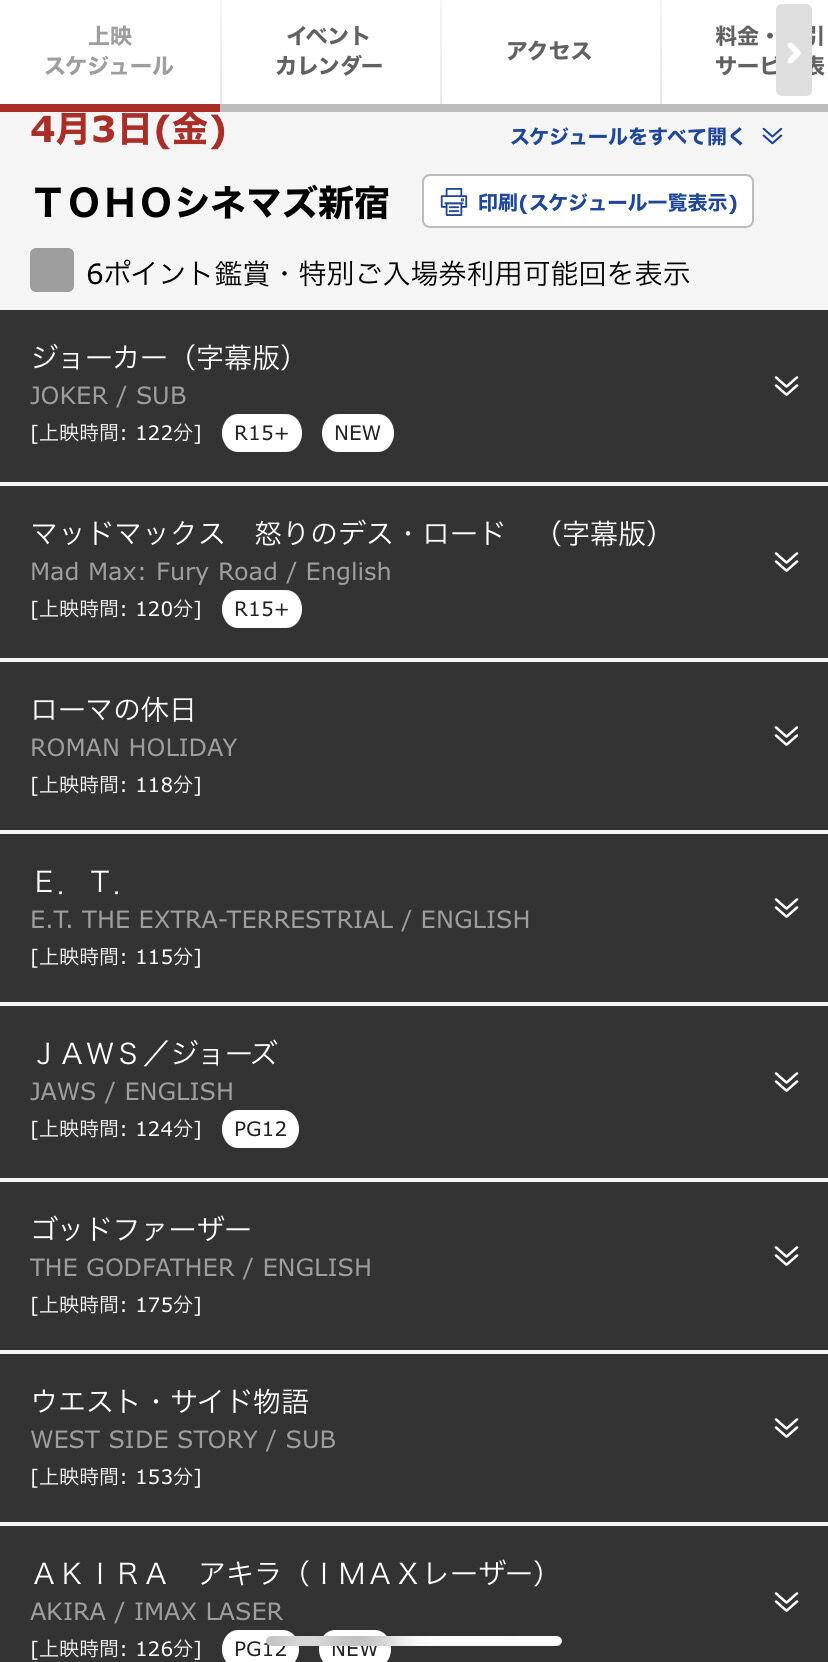 【朗報】TOHOシネマ新宿、上映スケジュールで最強打線を組んでしまうwwwwwww